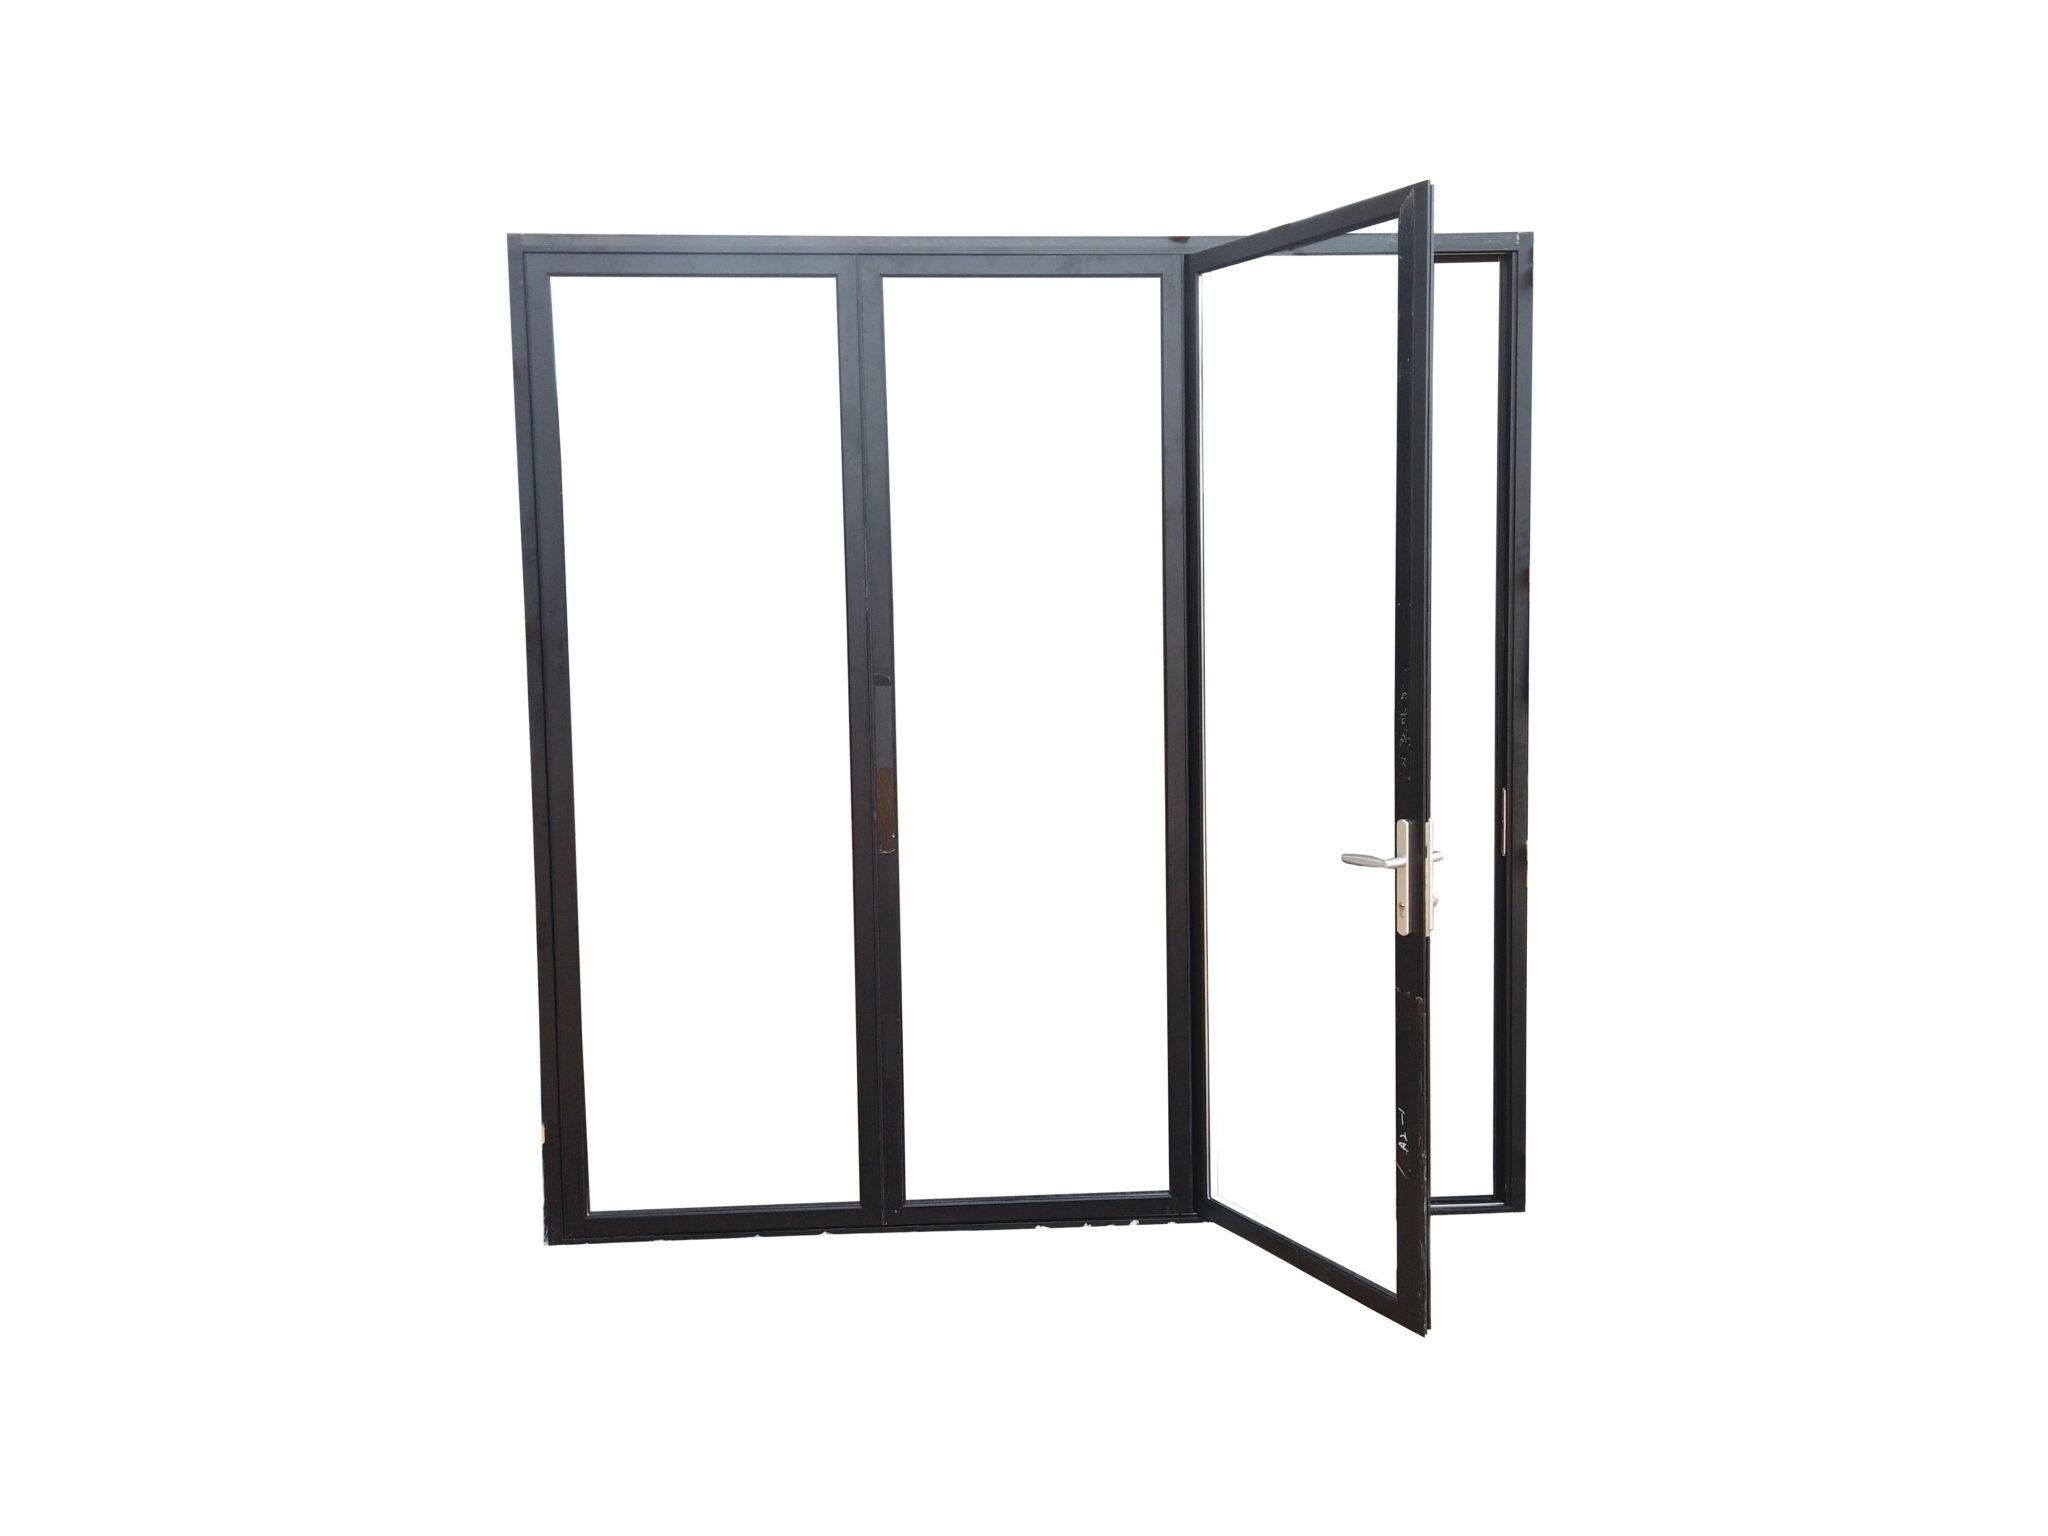 Teza 60 Series Folding Door